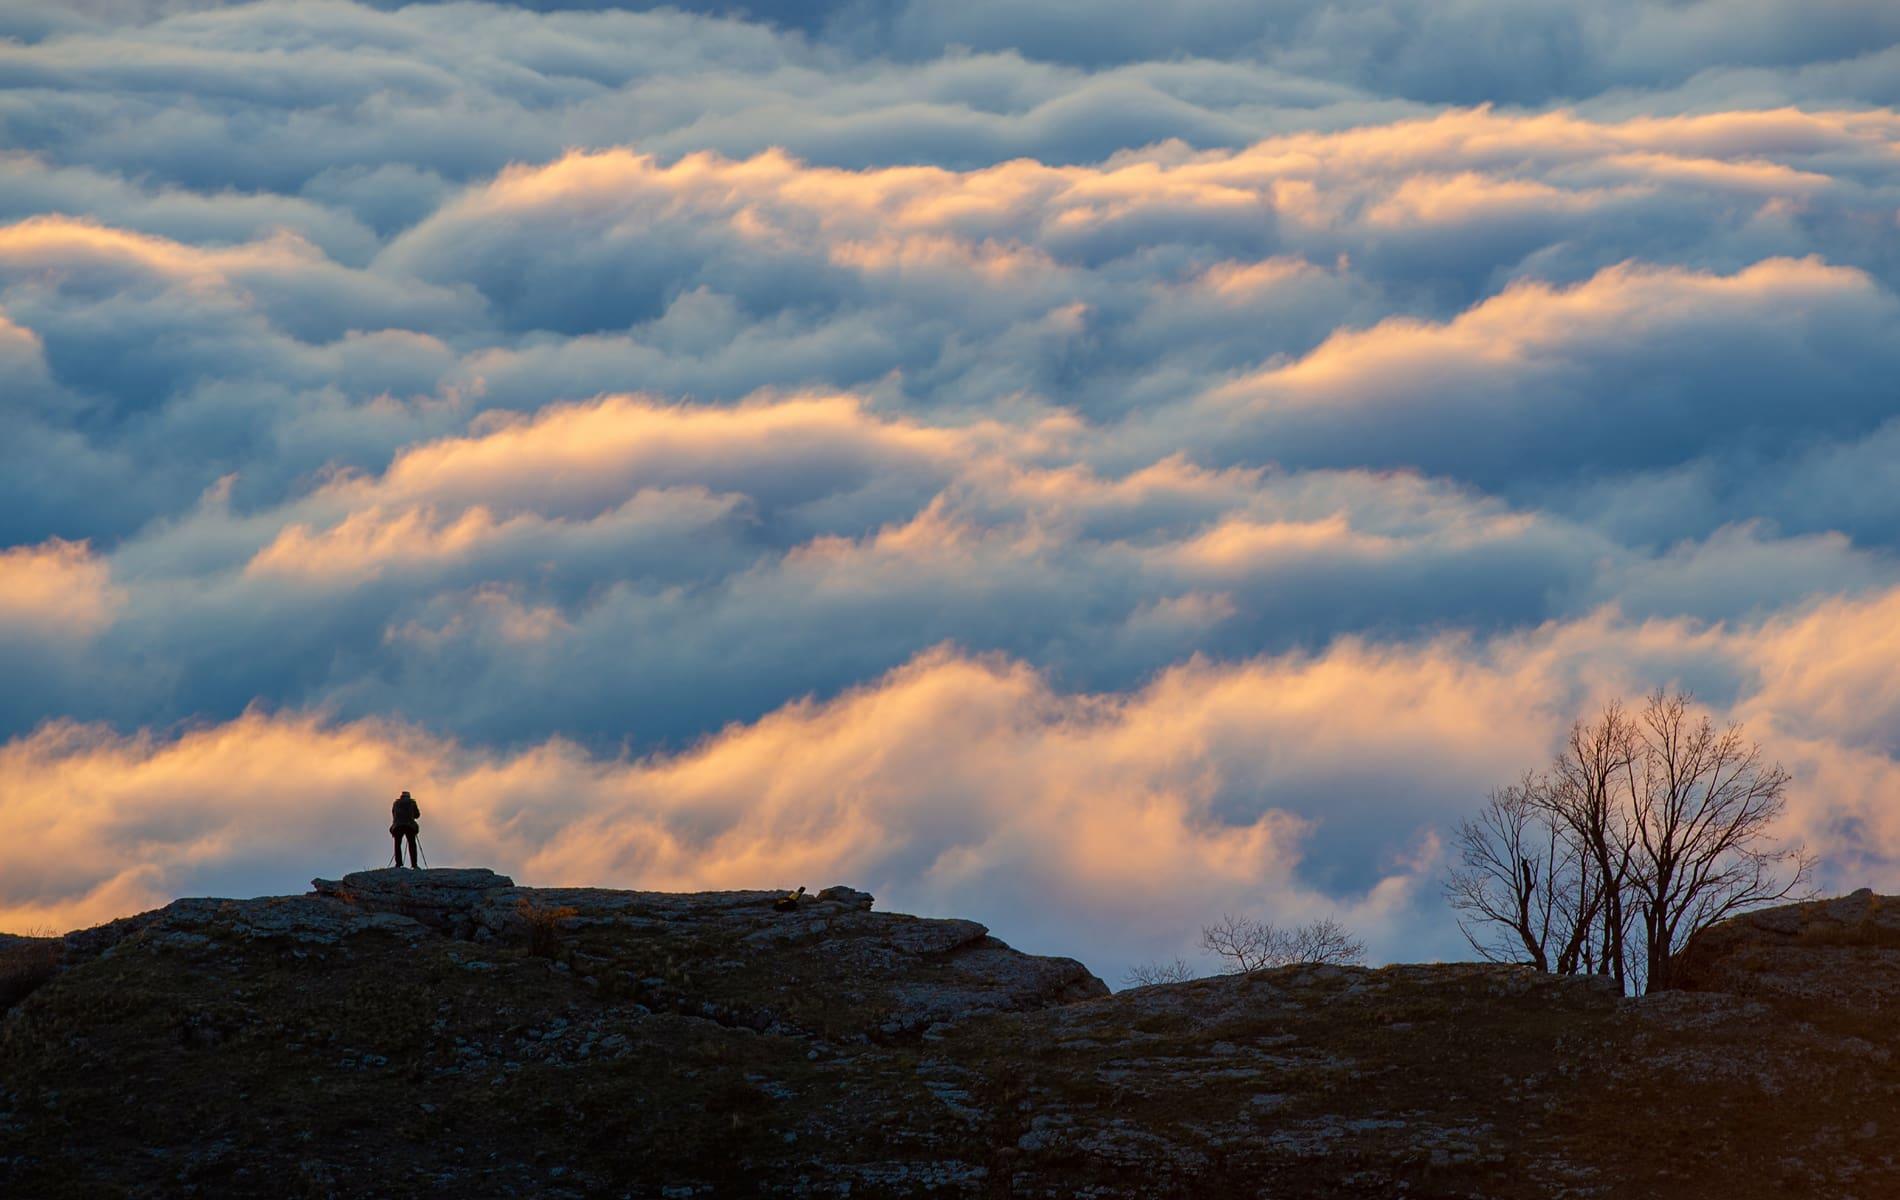 Mann steht auf hohem Berg und schaut auf Wolkenhimmel